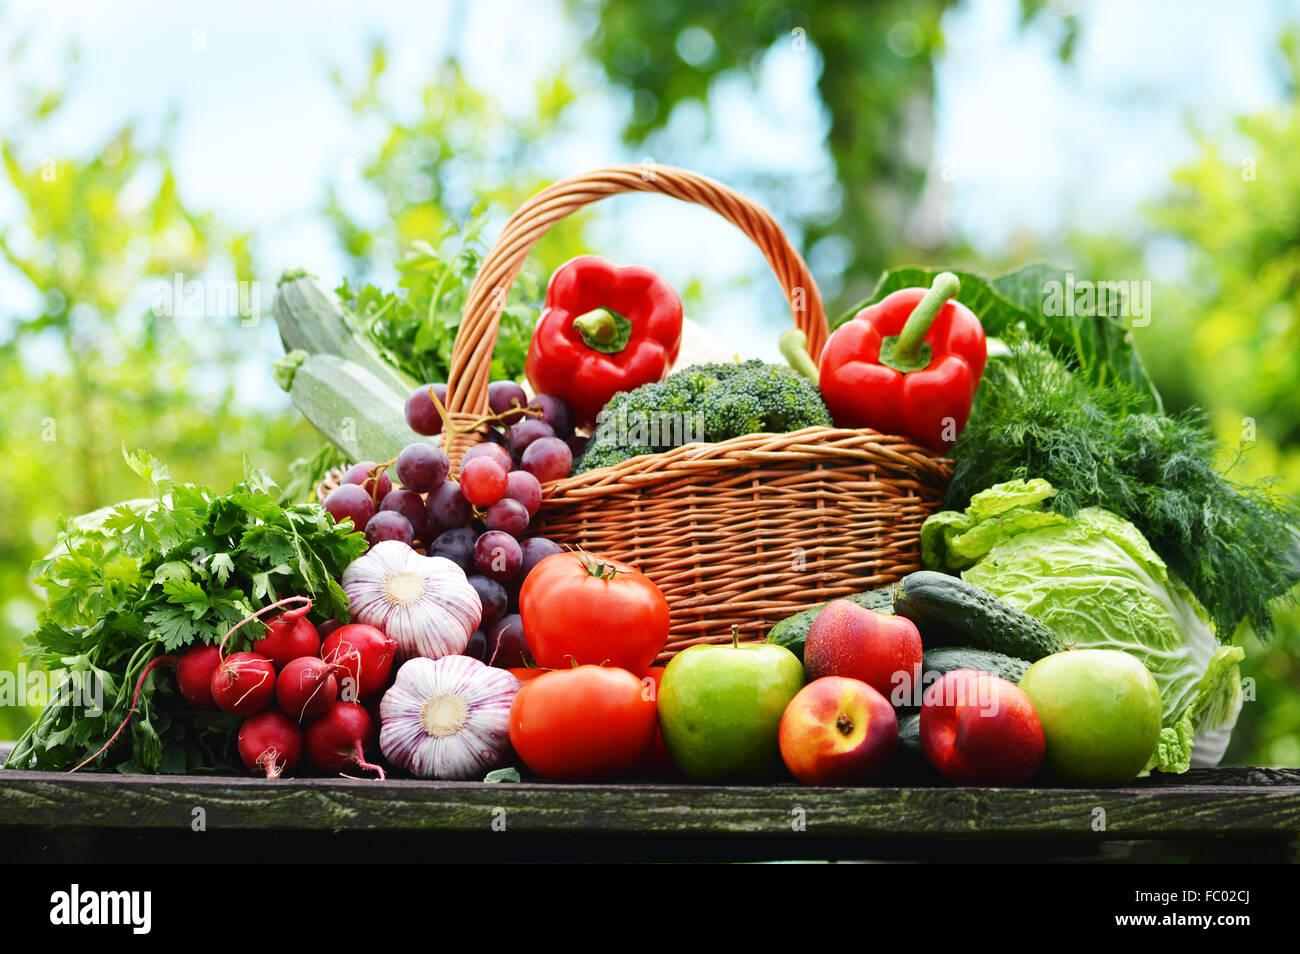 Fresche verdure organiche nel cesto di vimini in giardino. Immagini Stock